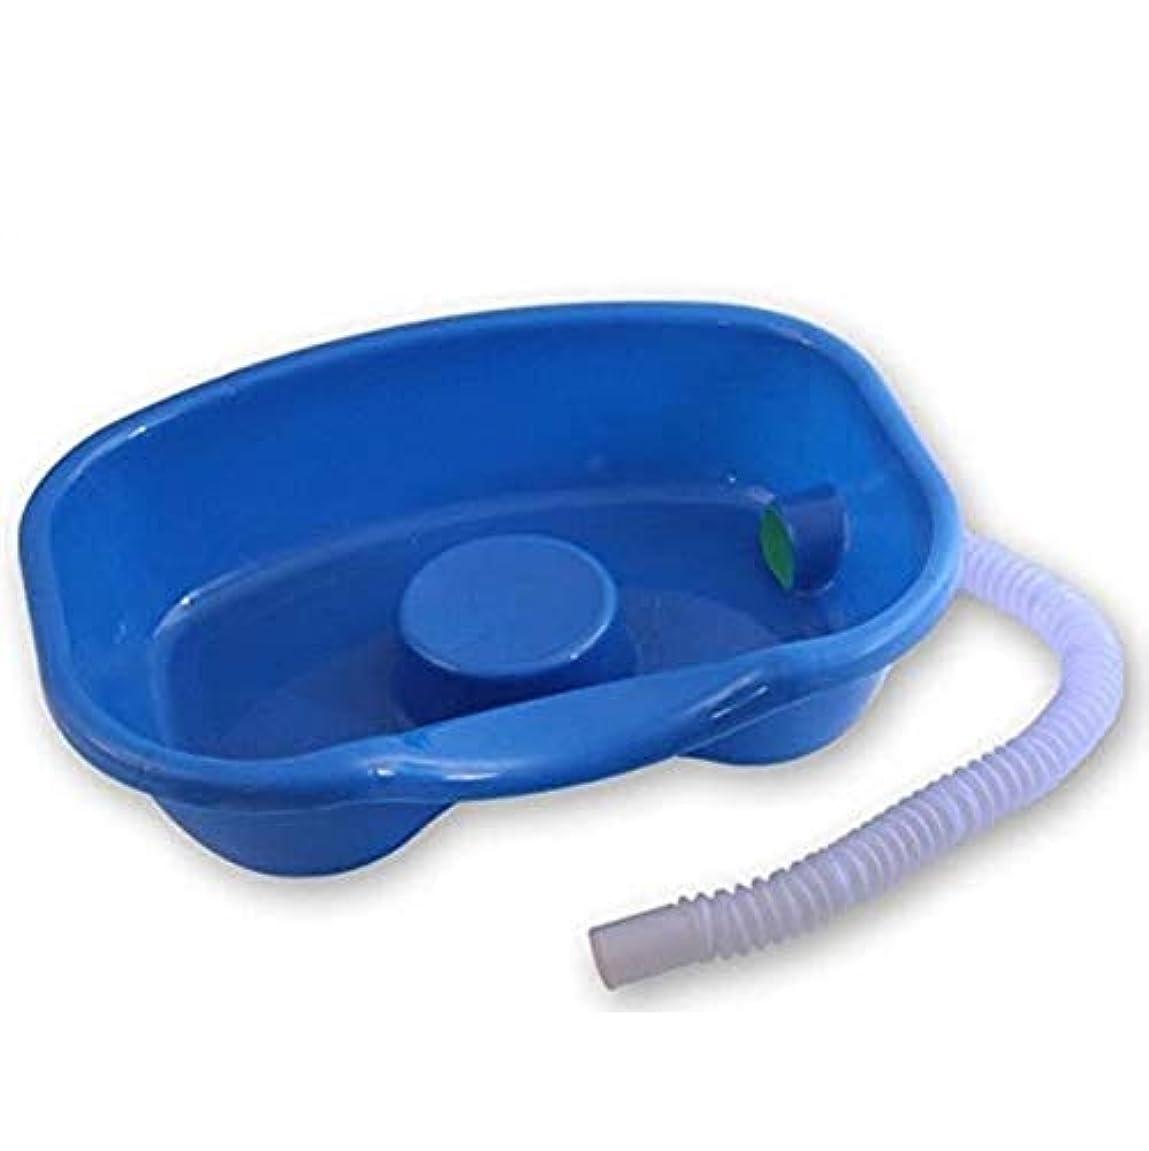 最も早いアラート検査ベッドシャンプー盆地-障害者、妊娠中、および高齢者の寝たきりのためのベッドでの洗髪用ポータブルヘアウォッシュトレイ